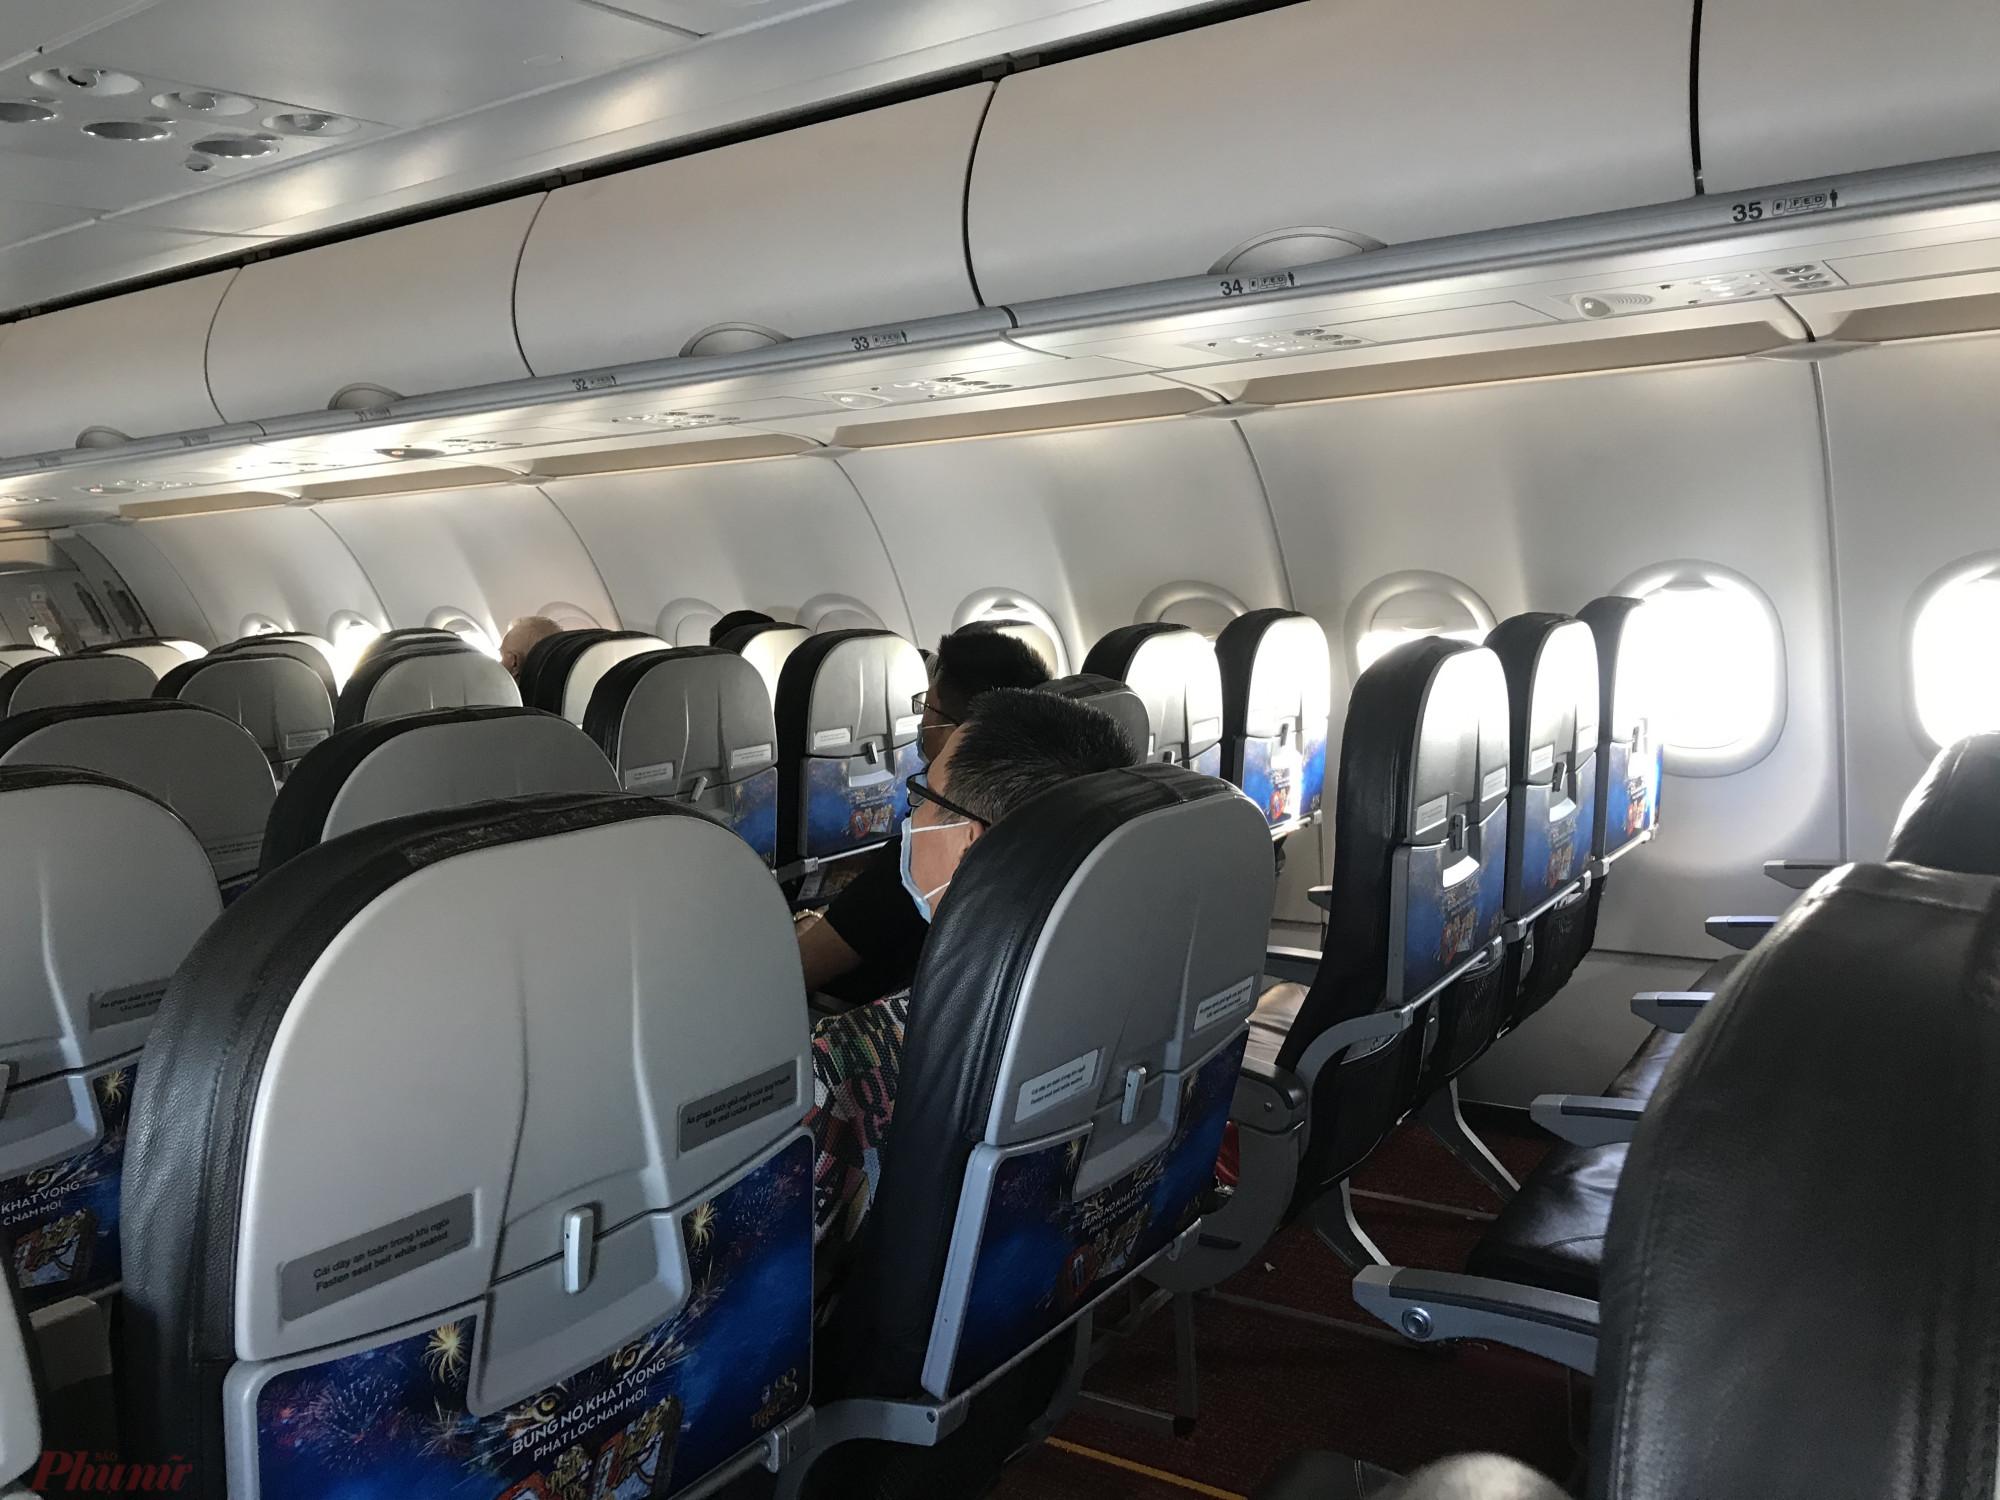 Lần đầu tiên phóng viên trải nghiệm trên một chuyến bay đến Nha Trang,